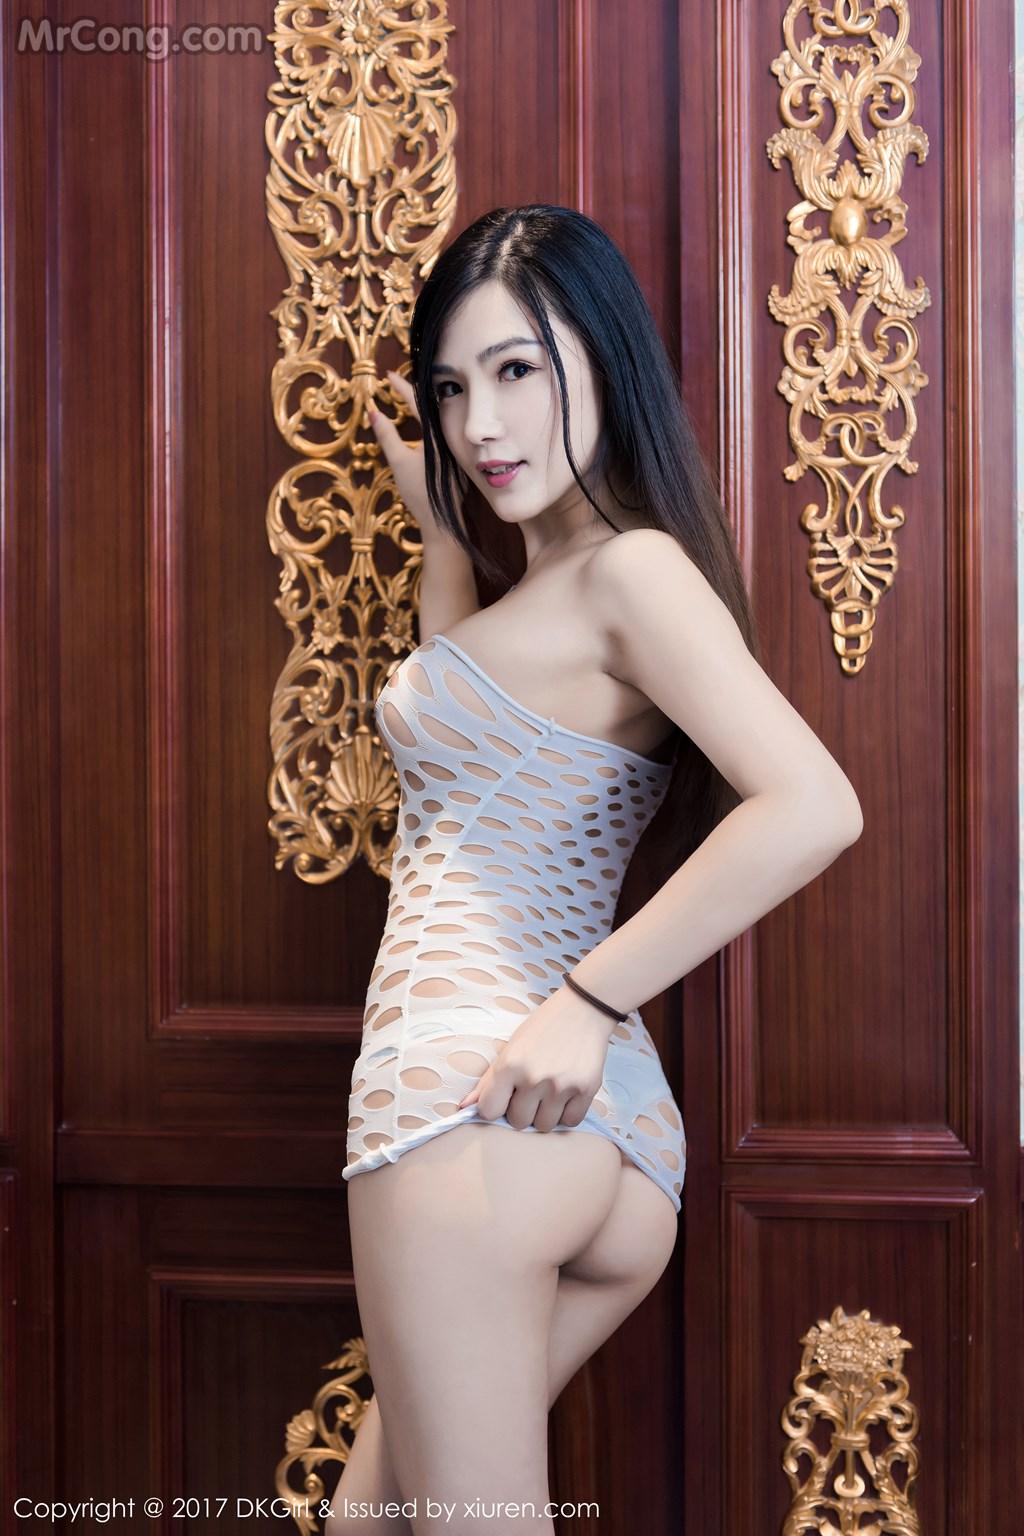 Người mẫu Ding Xiaonan với album ảnh sexy và quyến rũ 3